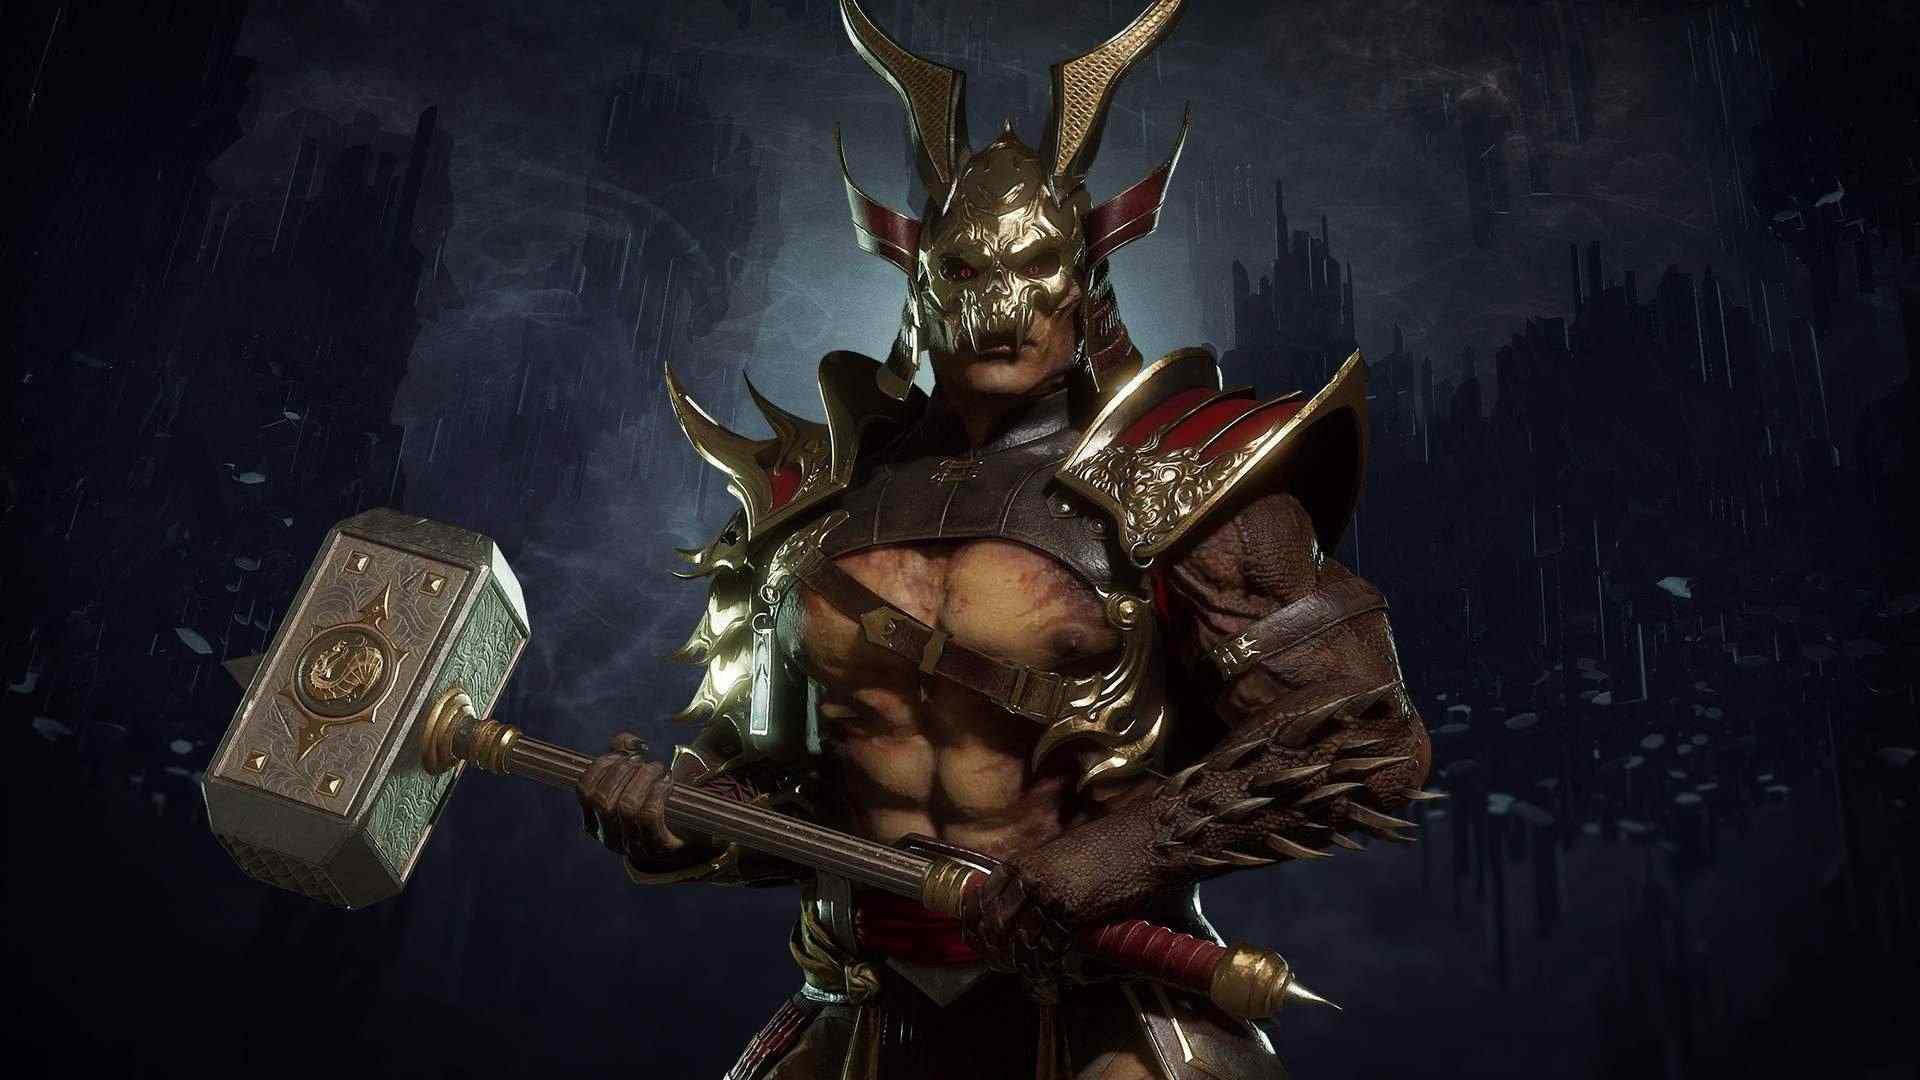 Ilustração do jogo Mortal Kombat 11 com fundo enegrecido e Shao Kahn no centro